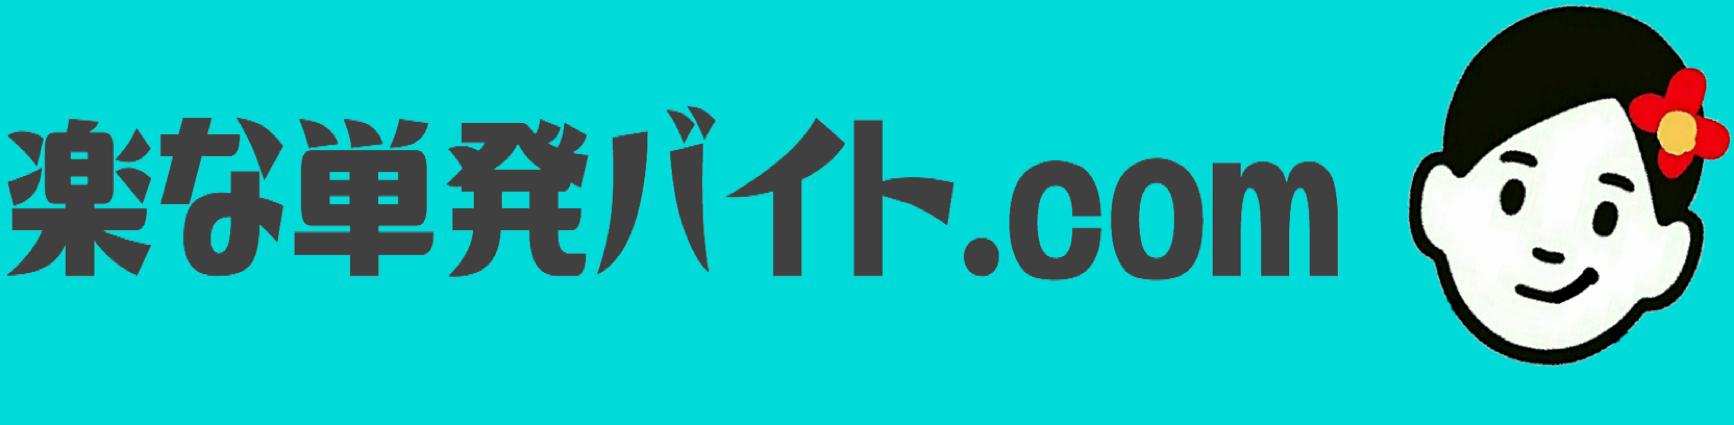 楽な単発バイト.com